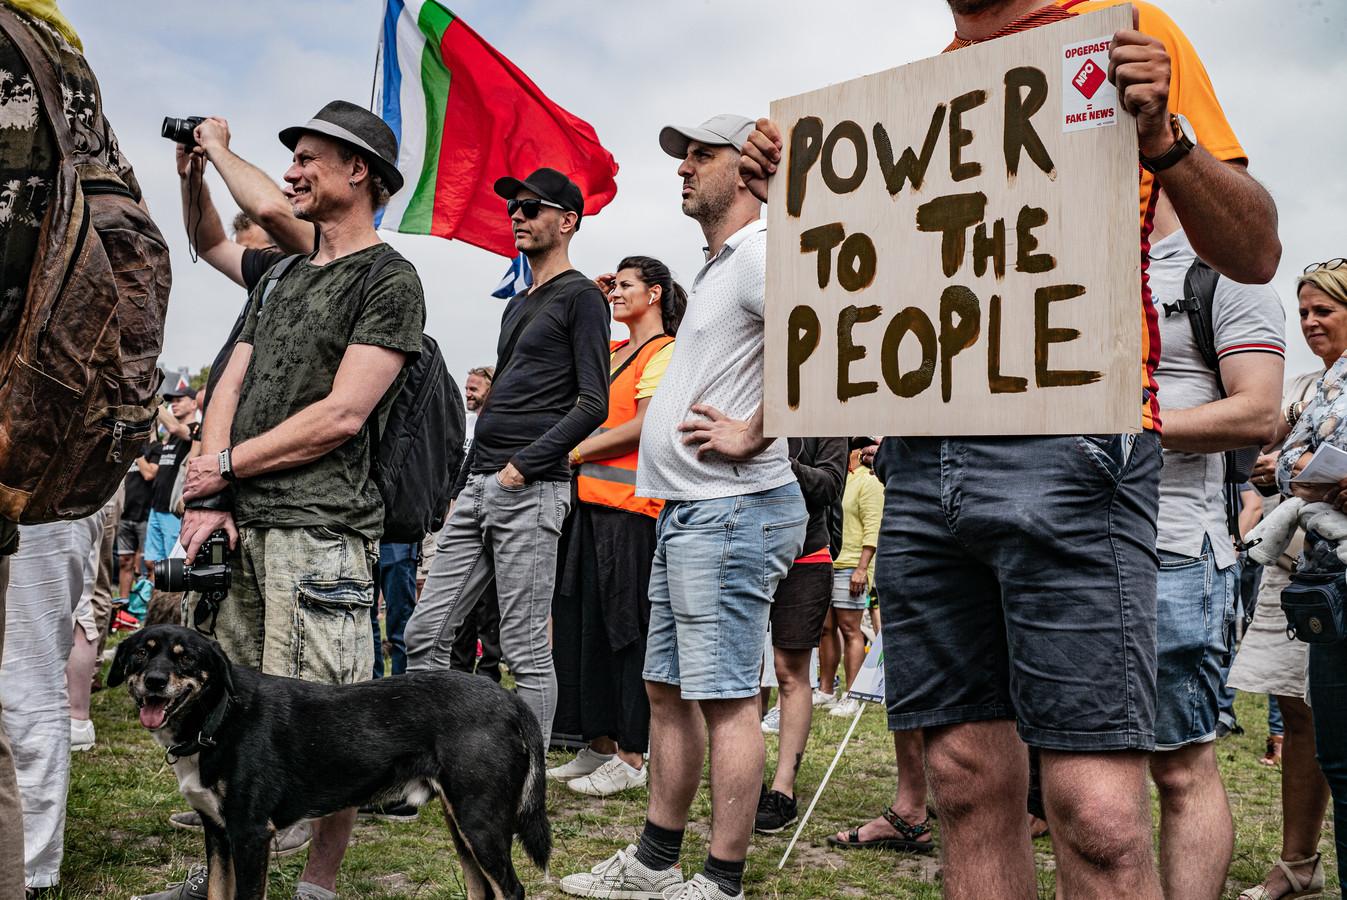 Sympathisanten van Viruswaarheid, voorheen Viruswaanzin, zijn aanwezig bij diverse protestacties tegen de kabinetsmaatregelen. Afstand houden en mondkapjes zijn overbodig, aldus de demonstranten.